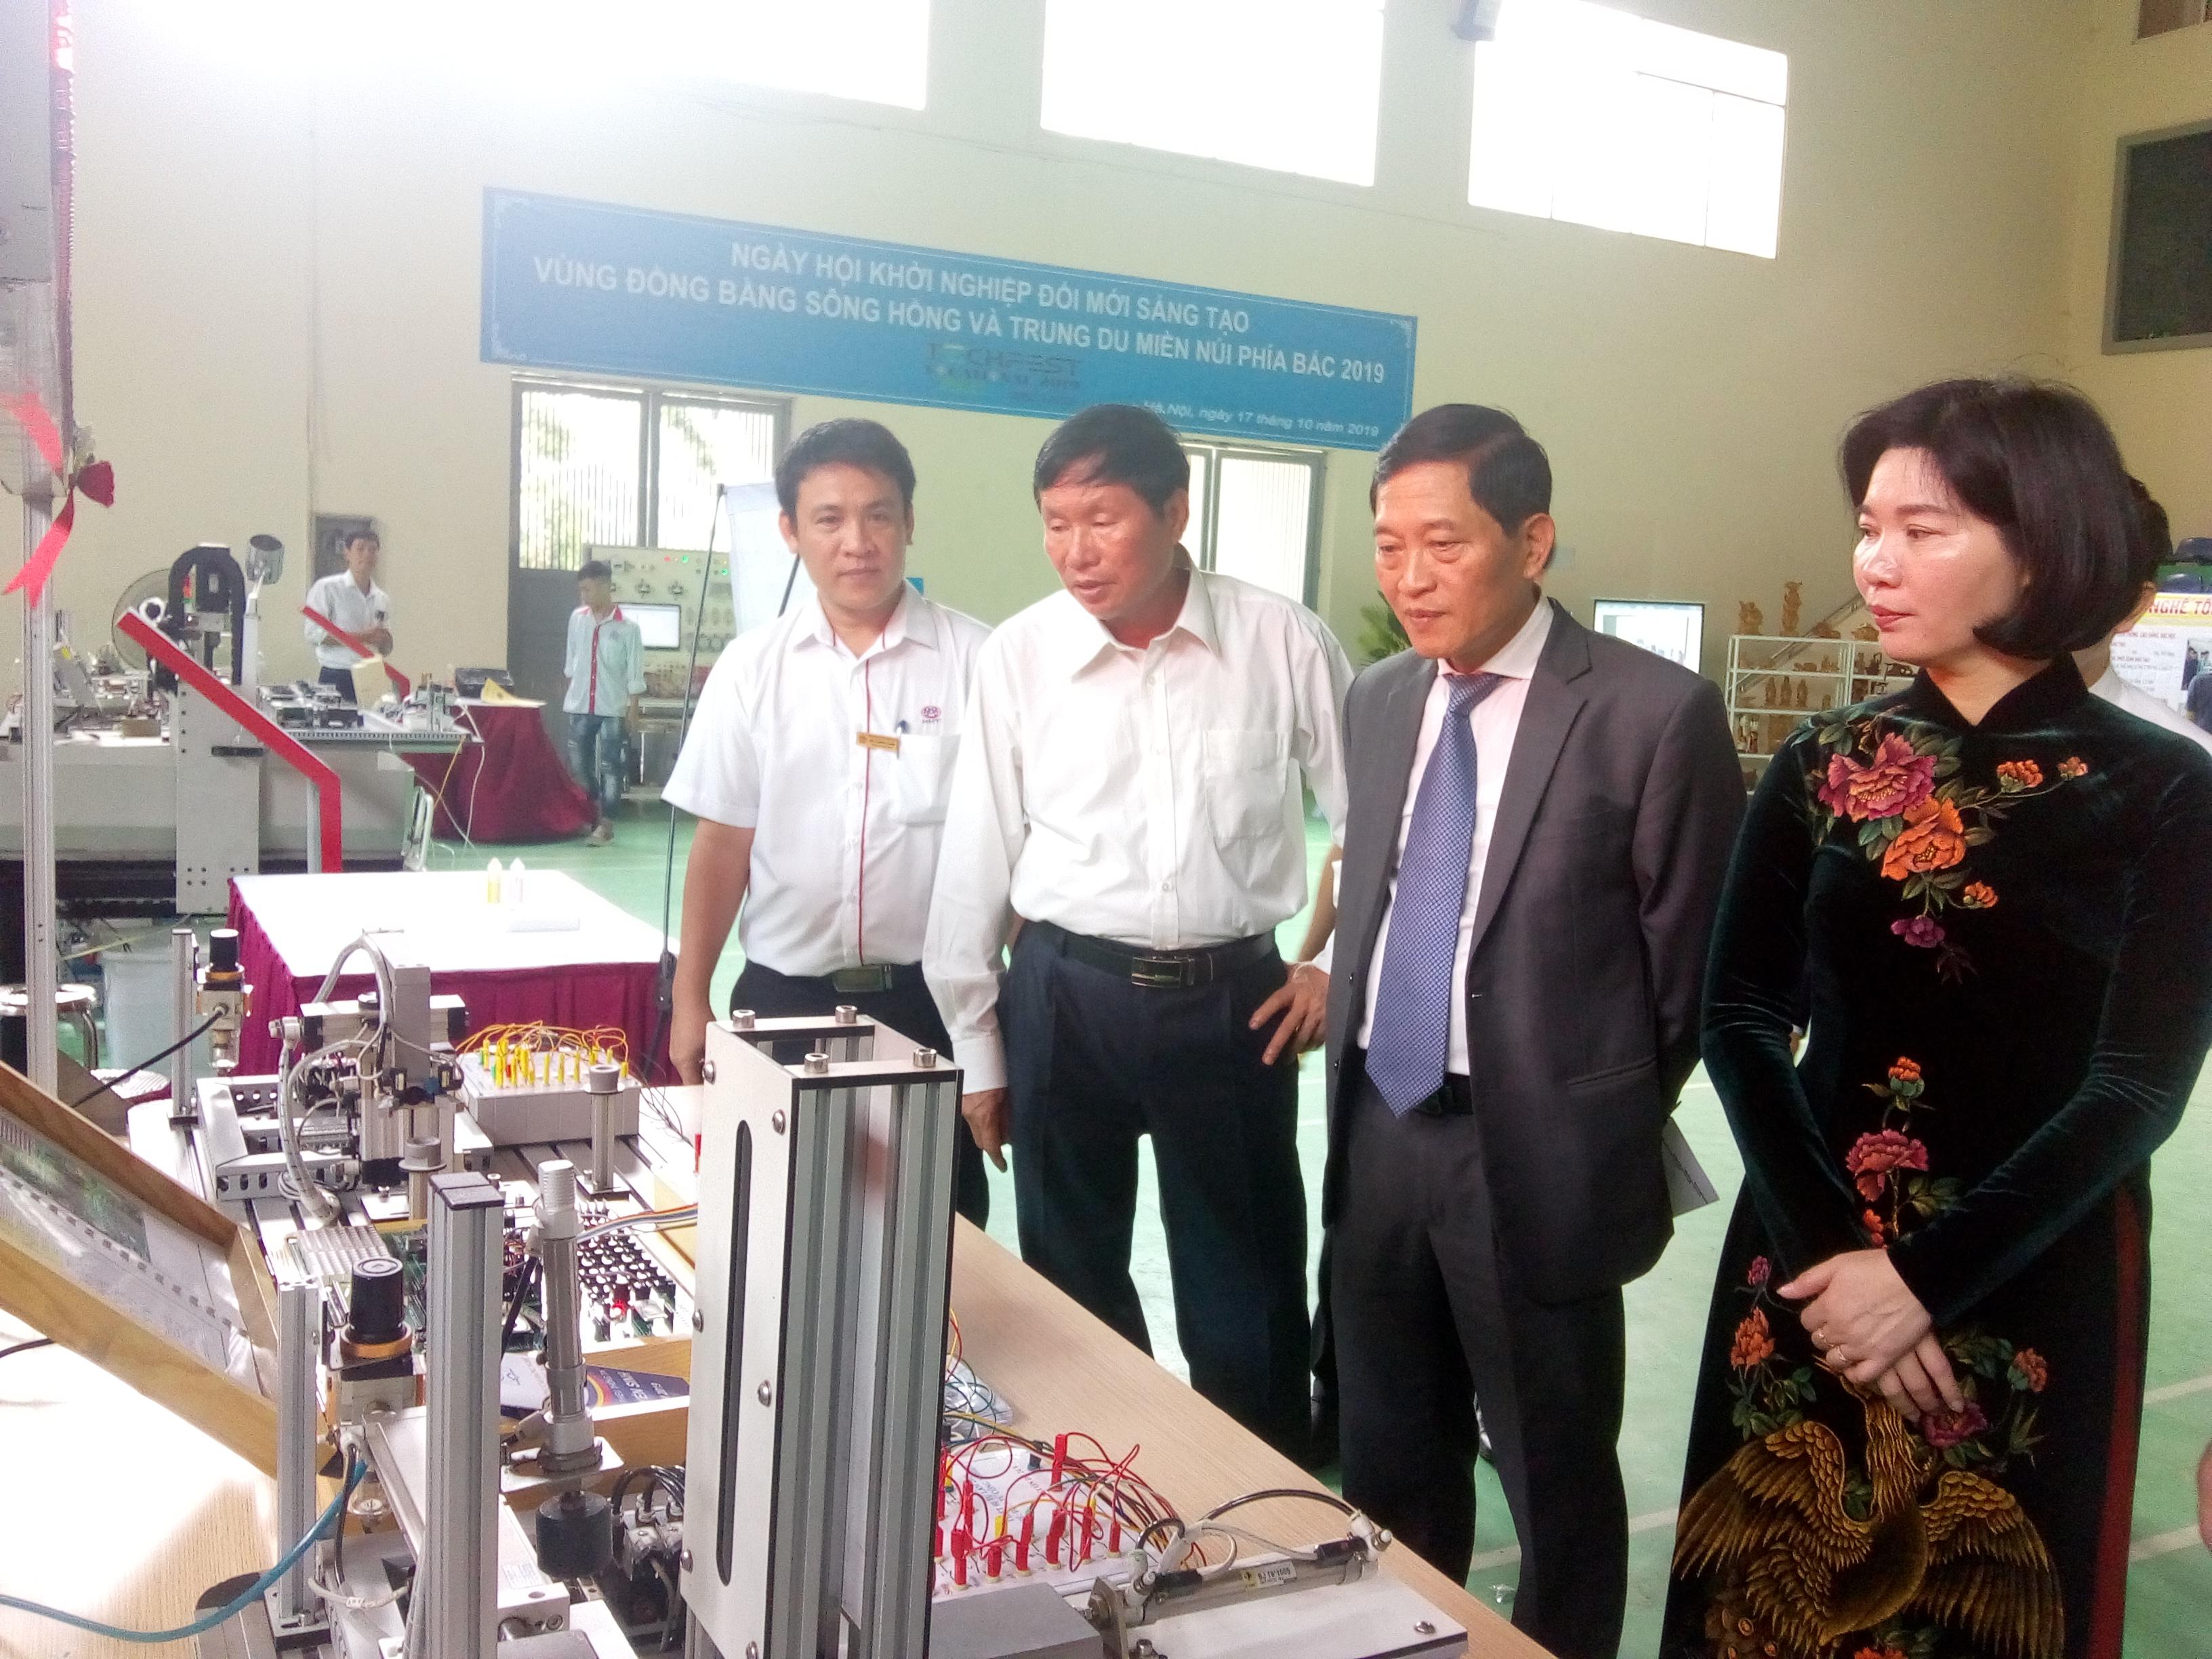 Thứ trưởng Bộ KH&CN Trần Văn Tùng (trái) cùng các đại biểu tham quan gian hàng triển lãm của các trường cao đẳng nghề | Ảnh: Ngô Hà